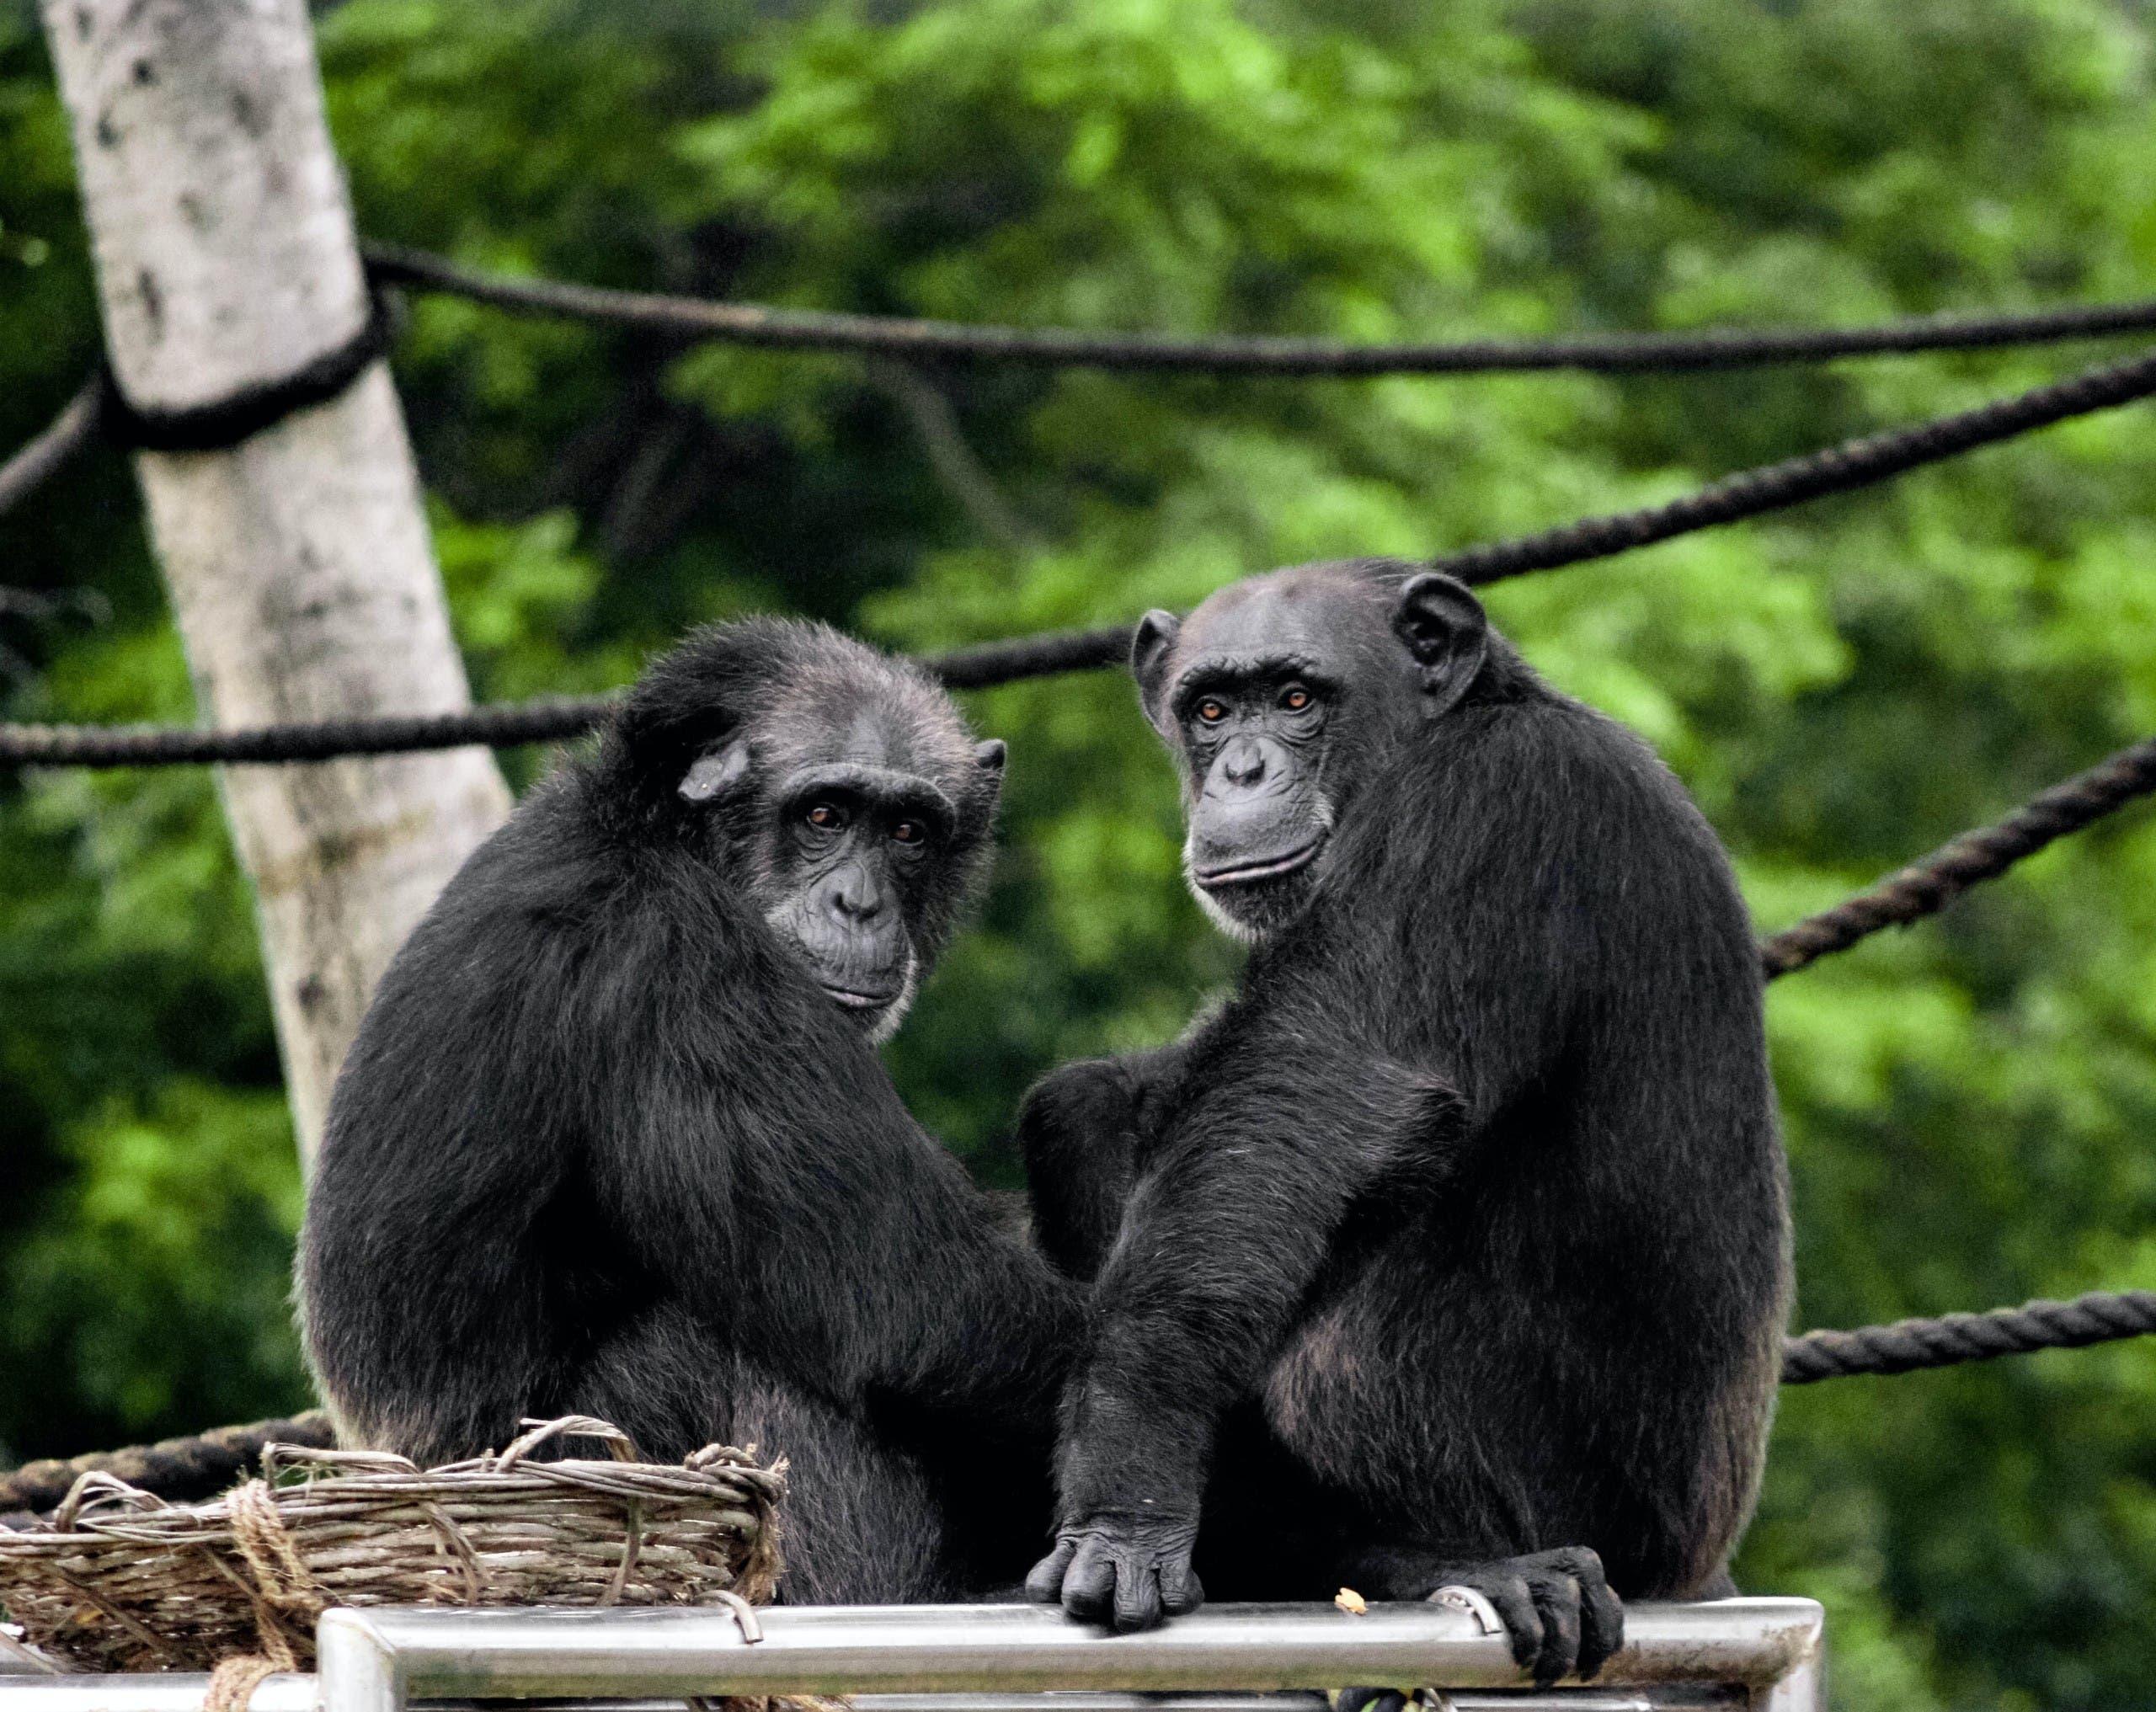 Two monkeys. (Unsplash, Satya Deep)